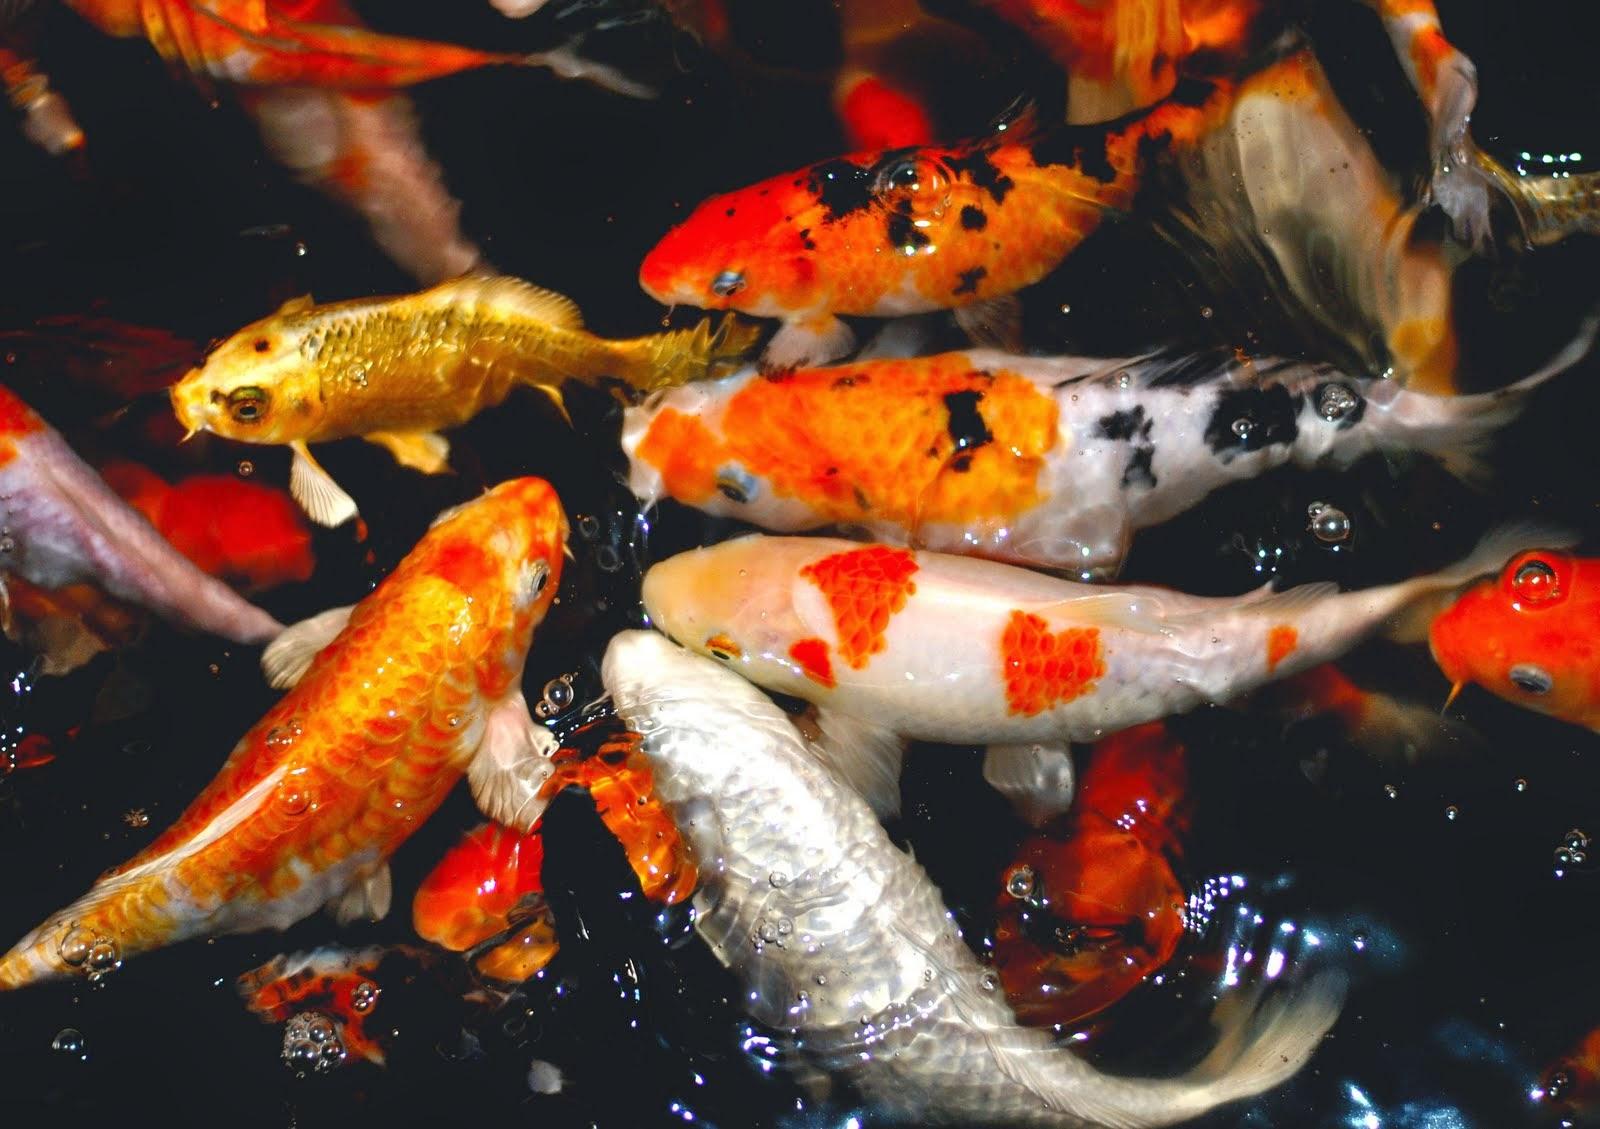 Jual Ikan Hias Koi di Bali: Tips | Cara Memelihara Ikan ...